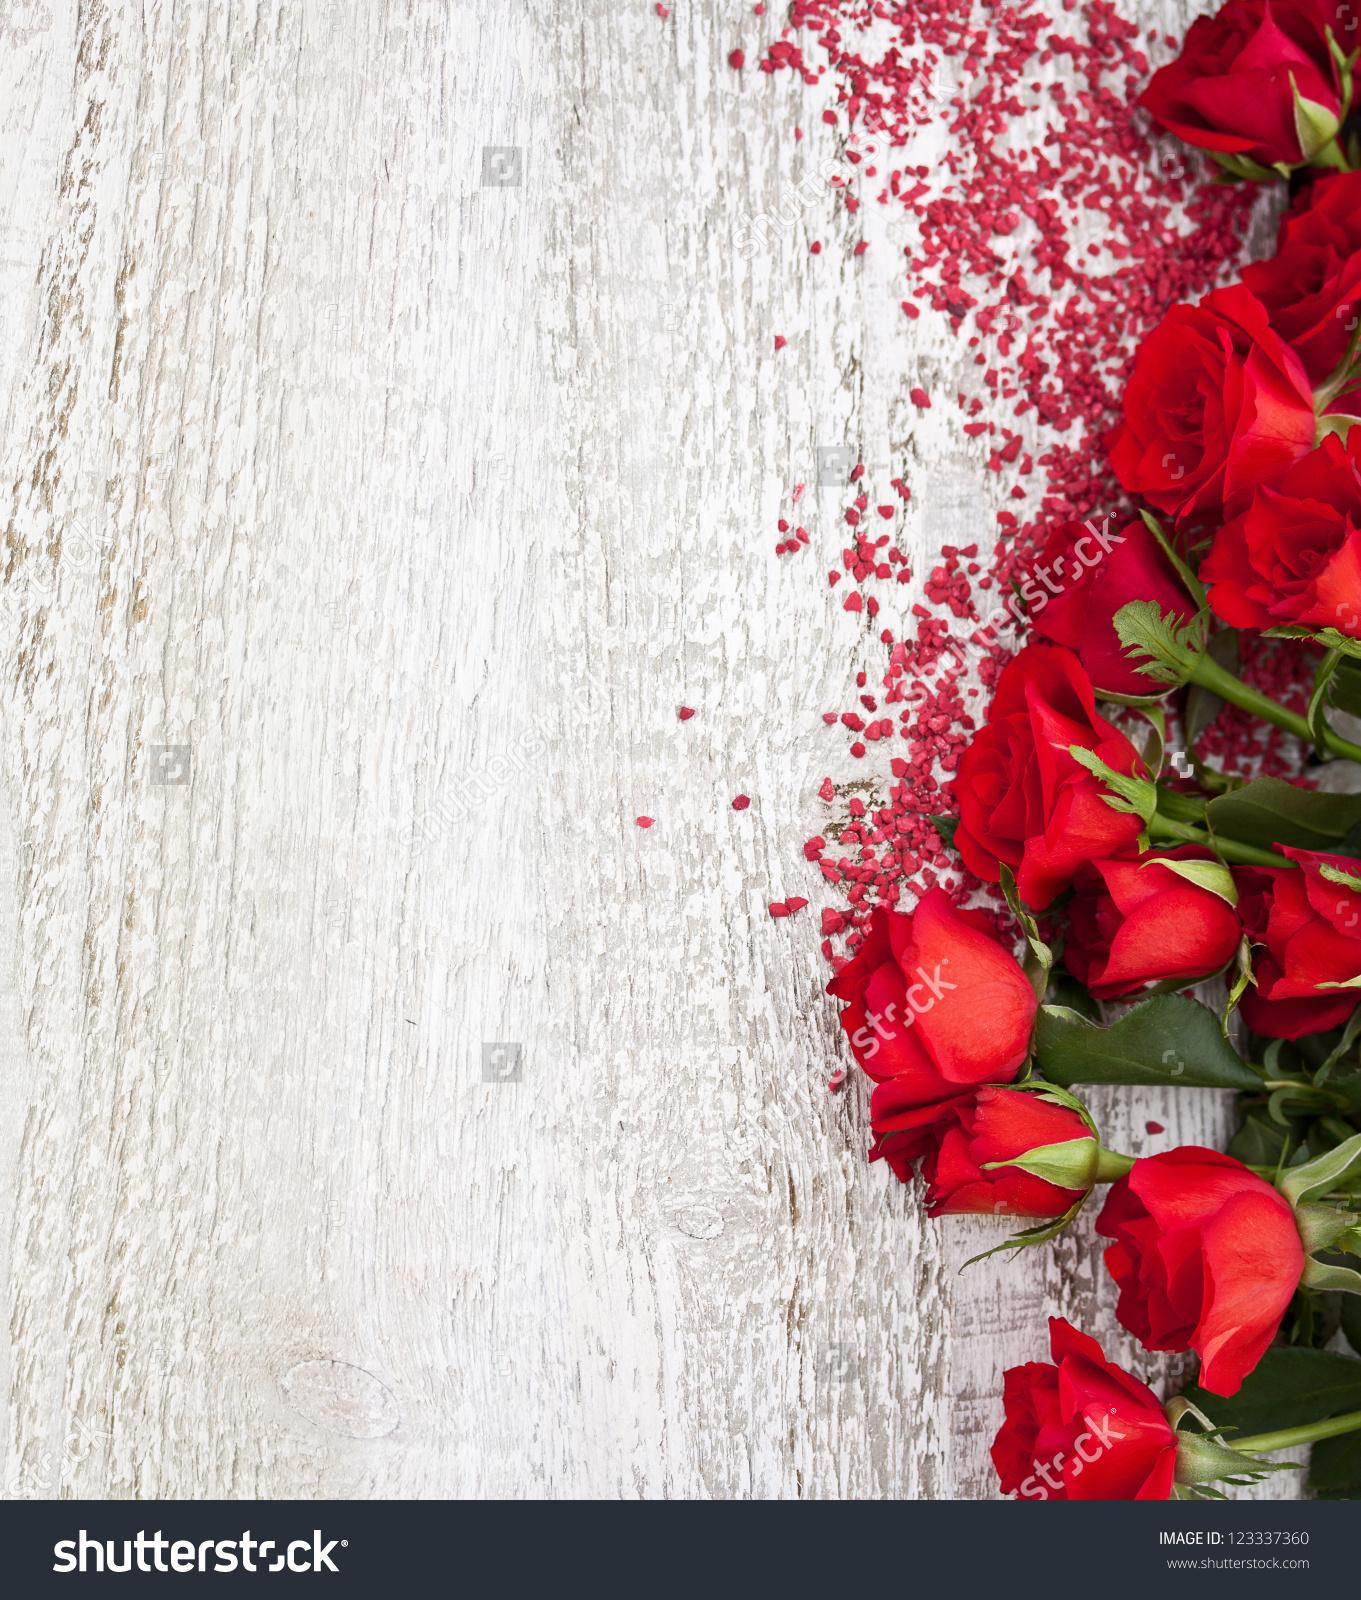 Vintage Red Rose Desktop Background